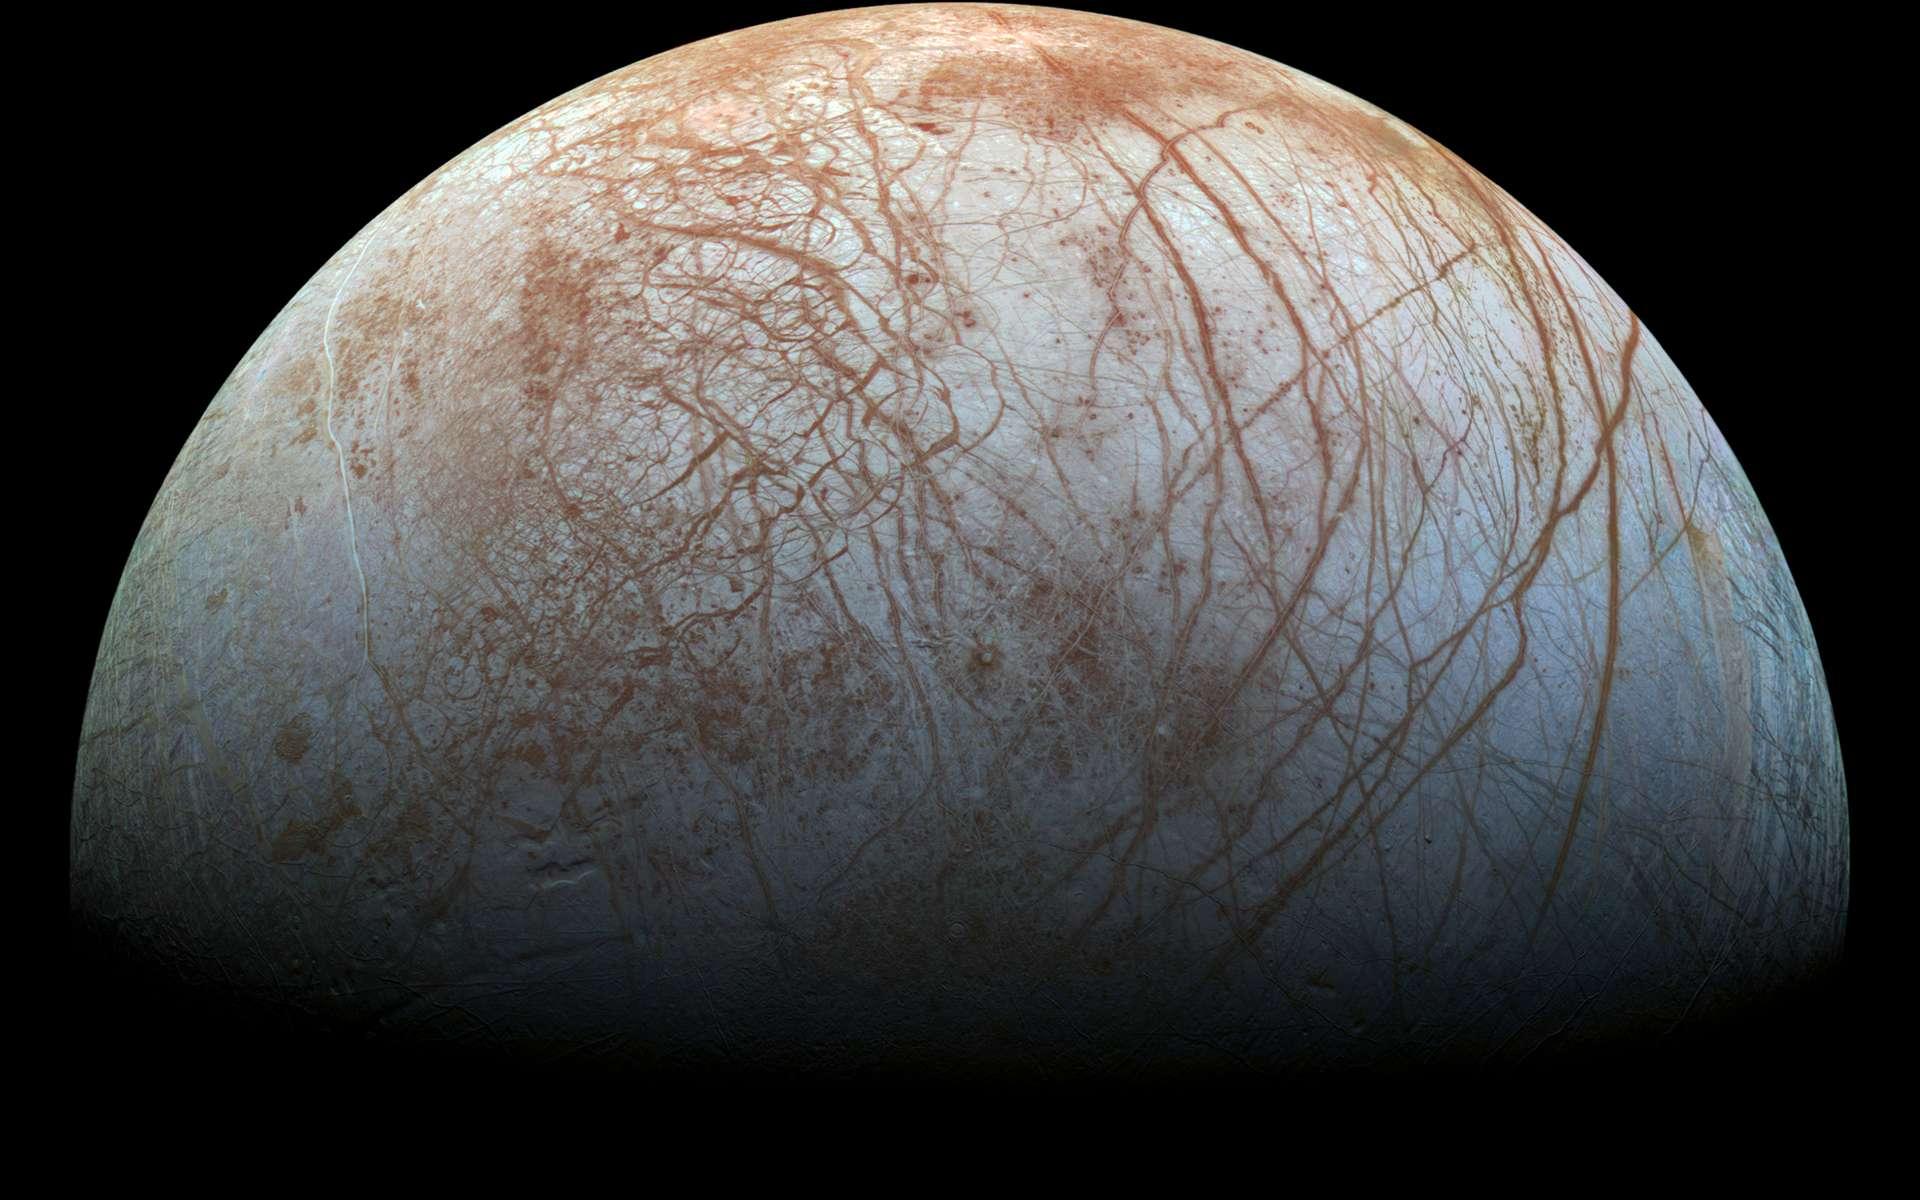 Europe, satellite de Jupiter, posséderait un océan sous sa surface gelée. Un monde potentiellement habitable dans le Système solaire. © Nasa, JPL-Caltech